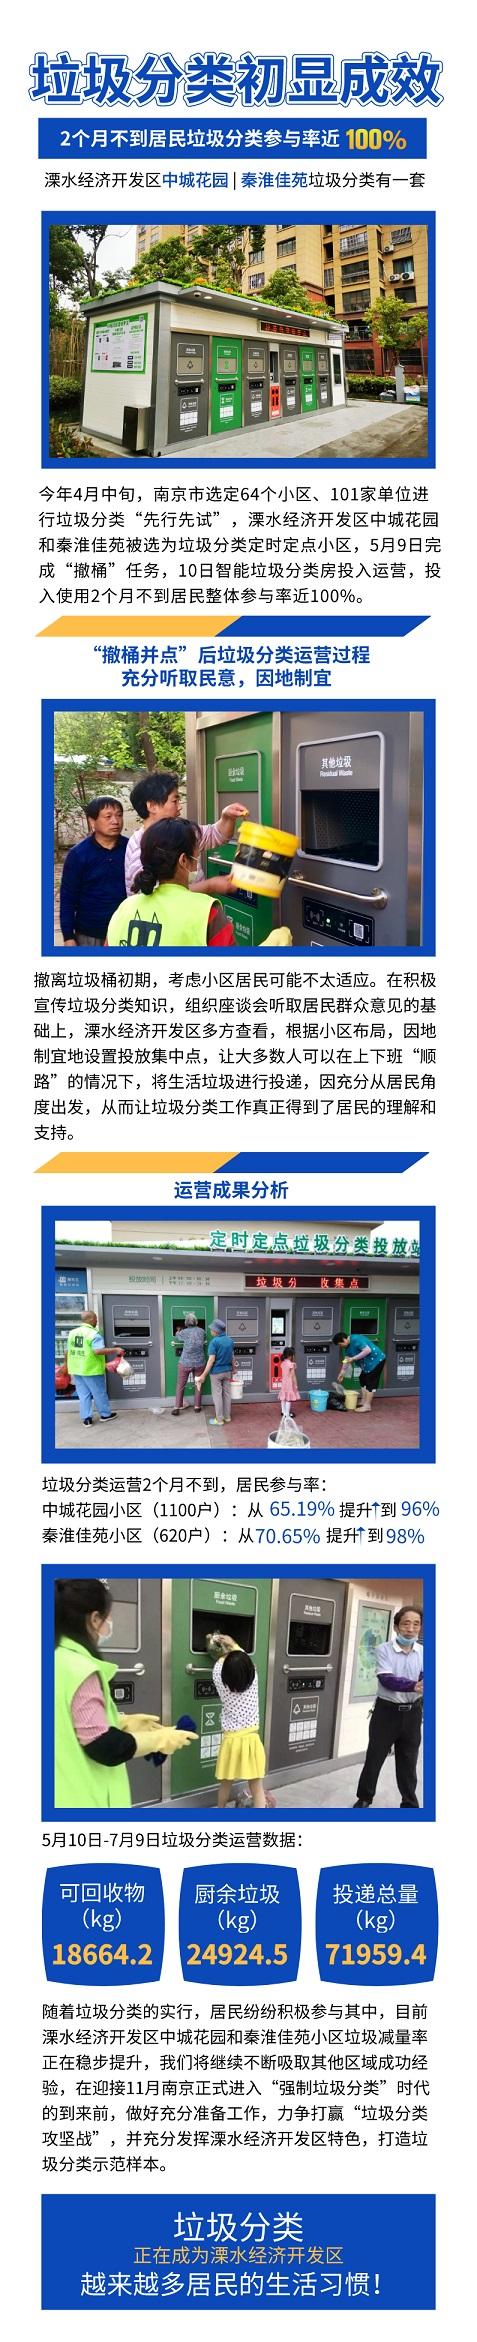 南京溧水开发区垃圾分类初显成效,2小区2月不到居民参与率近100%